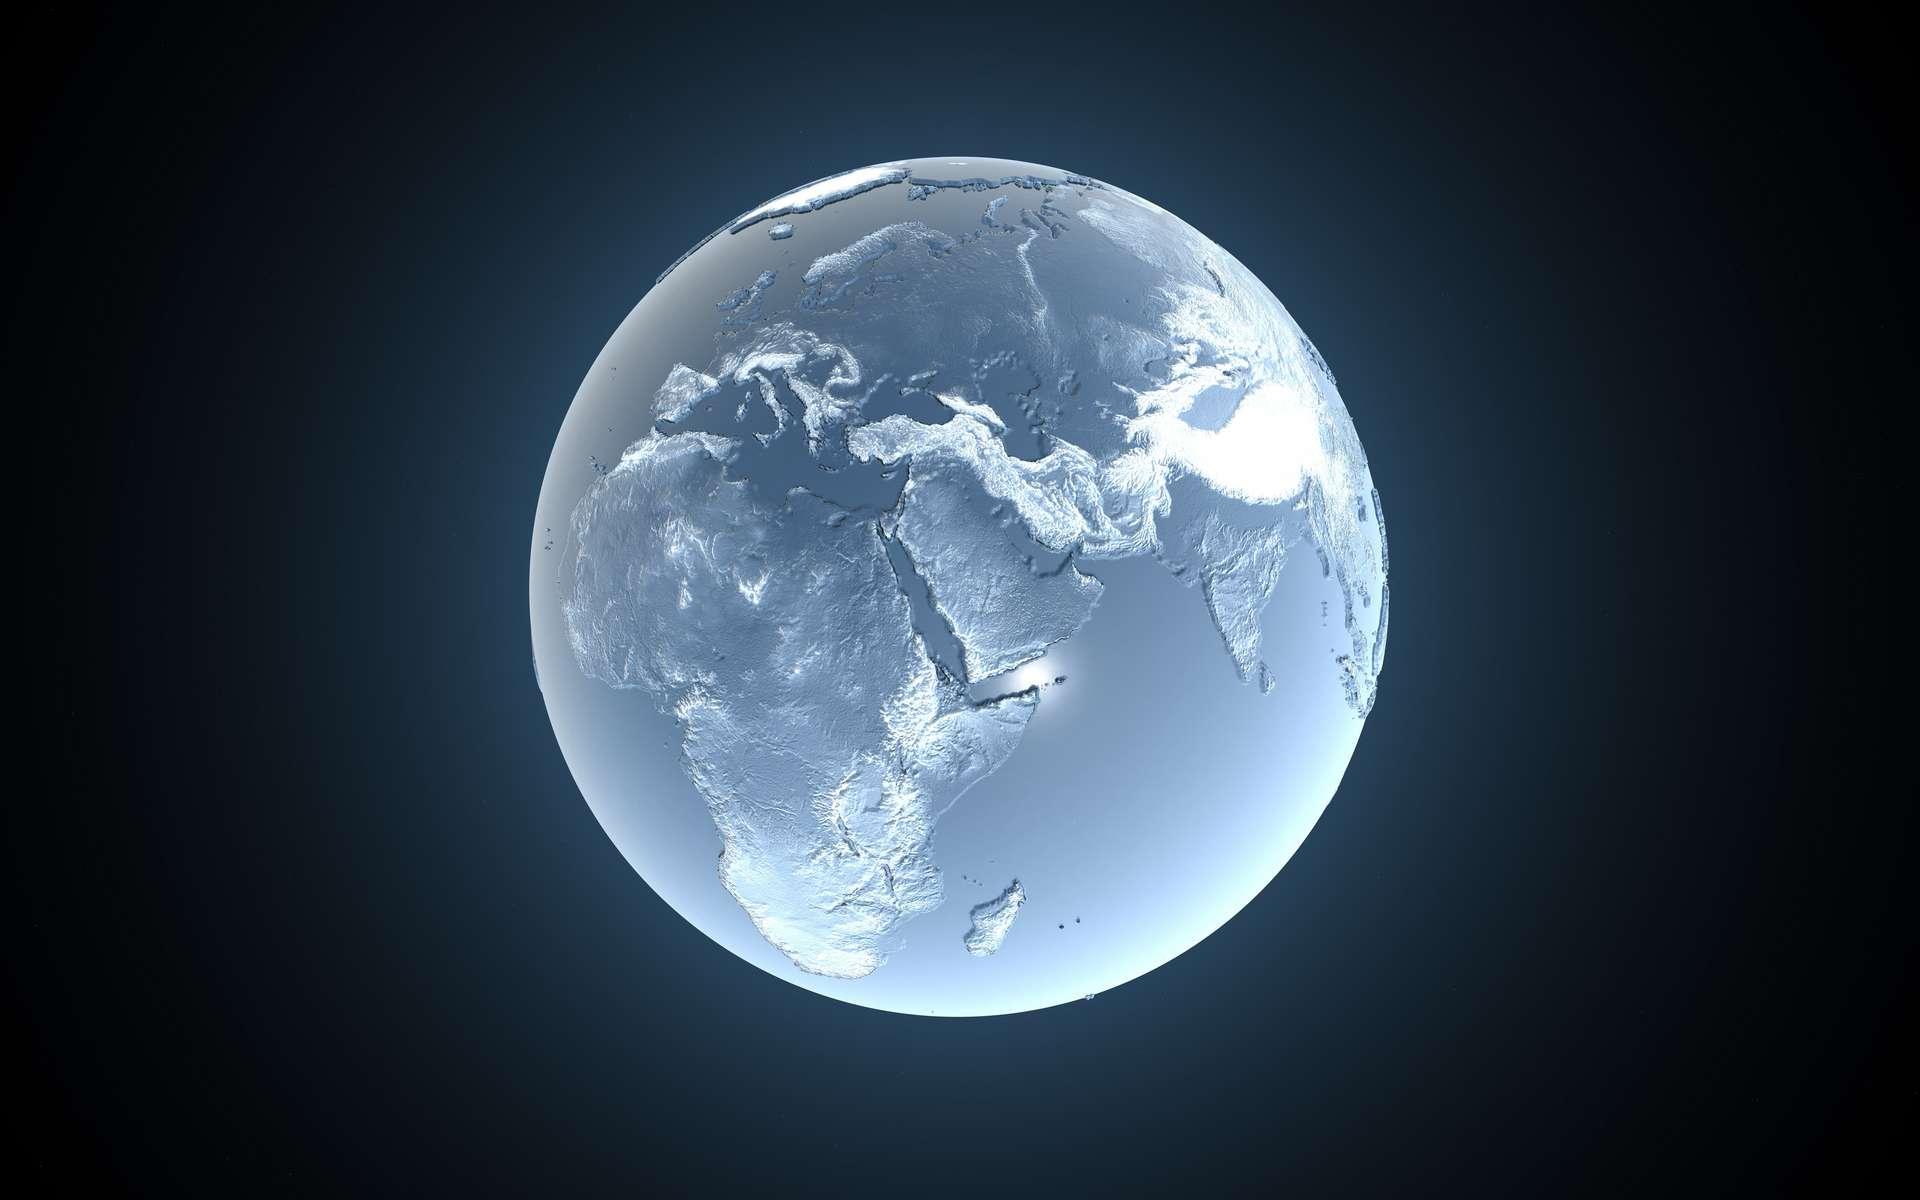 Durant le dernier maximum glaciaire, dans les régions autour des pôles les glaciers recouvraient une bonne partie de l'Europe. © I.M.R, Adobe Stock